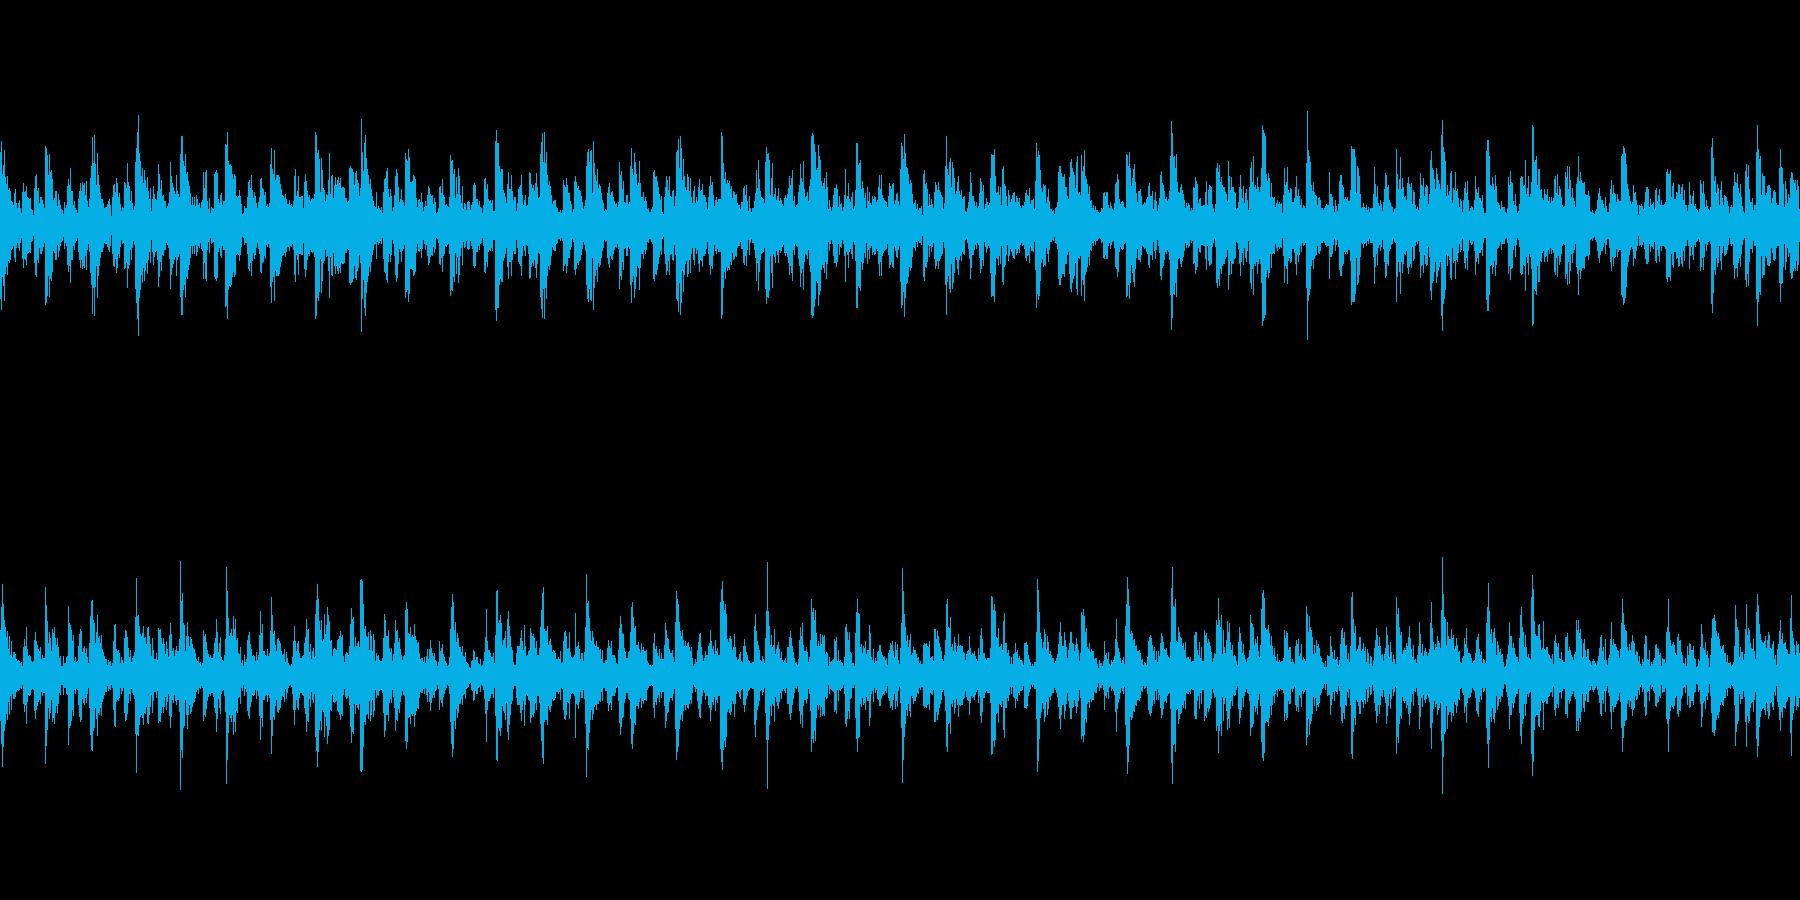 【和風】疾走感の和太鼓BGM(ループ)の再生済みの波形